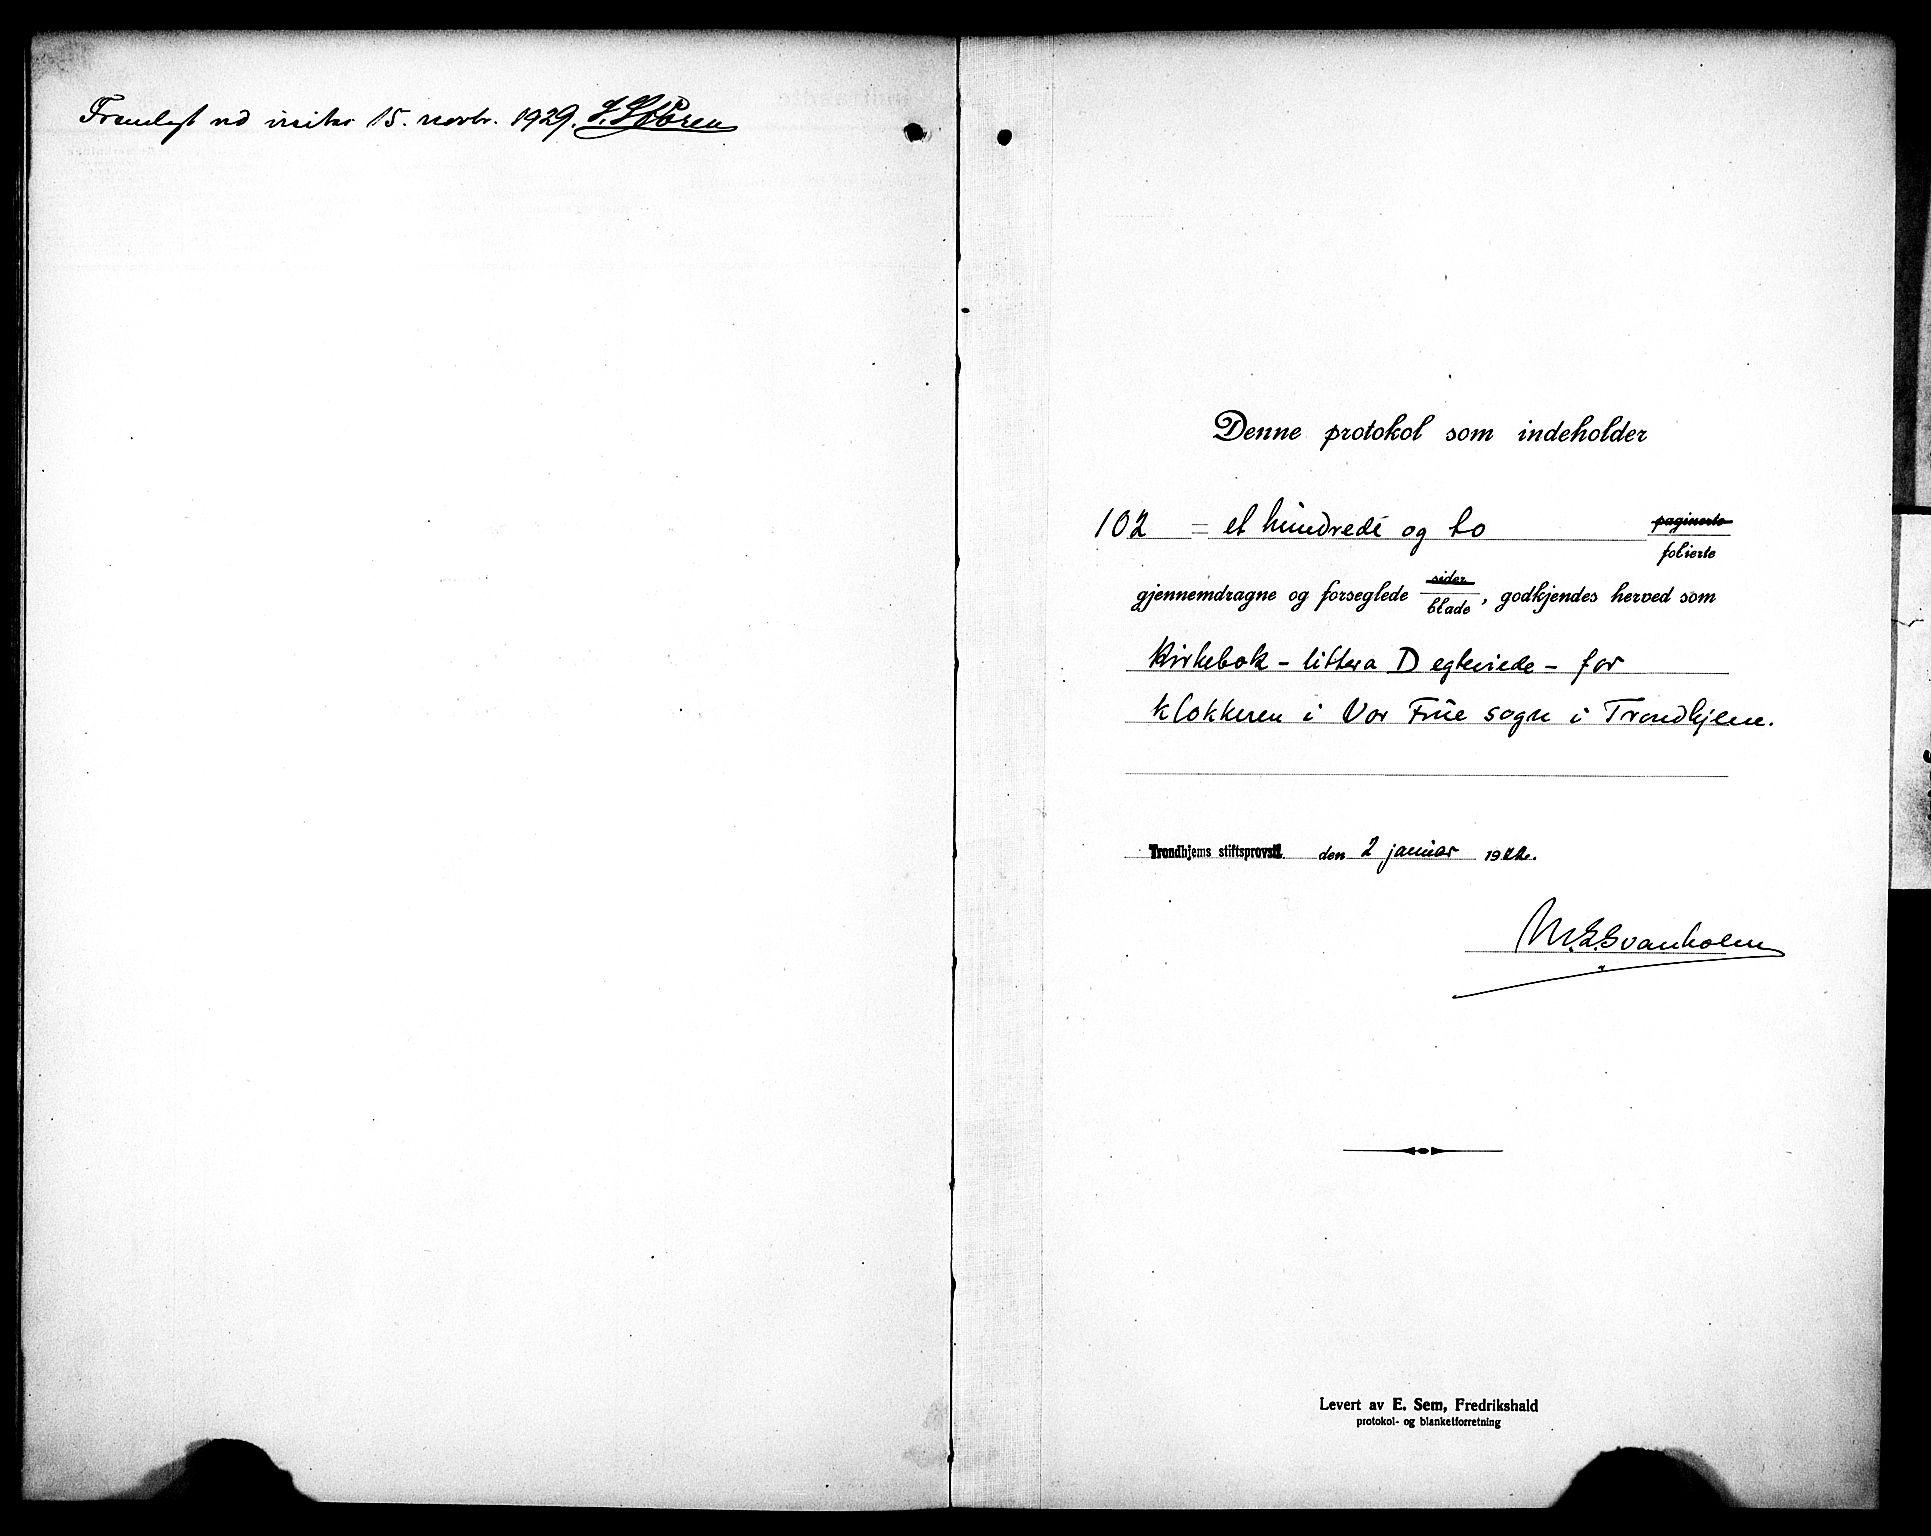 SAT, Ministerialprotokoller, klokkerbøker og fødselsregistre - Sør-Trøndelag, 602/L0149: Klokkerbok nr. 602C17, 1919-1932